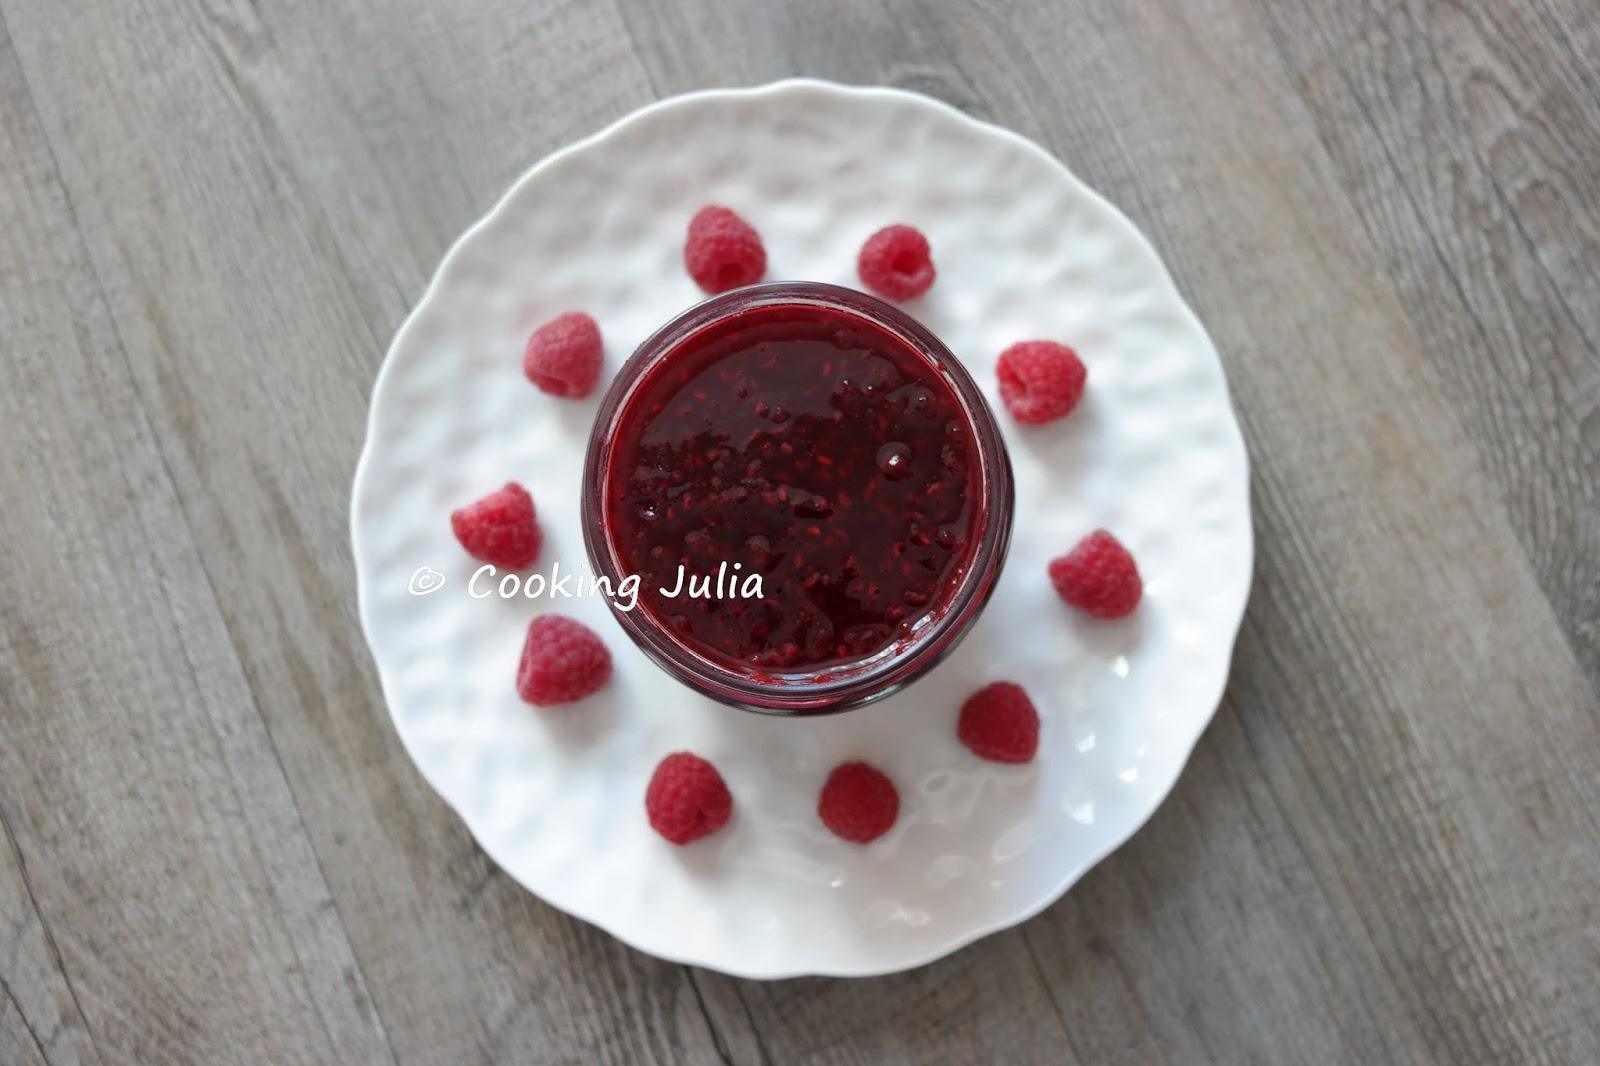 Cooking Julia Confiture De Framboises Au Micro Ondes